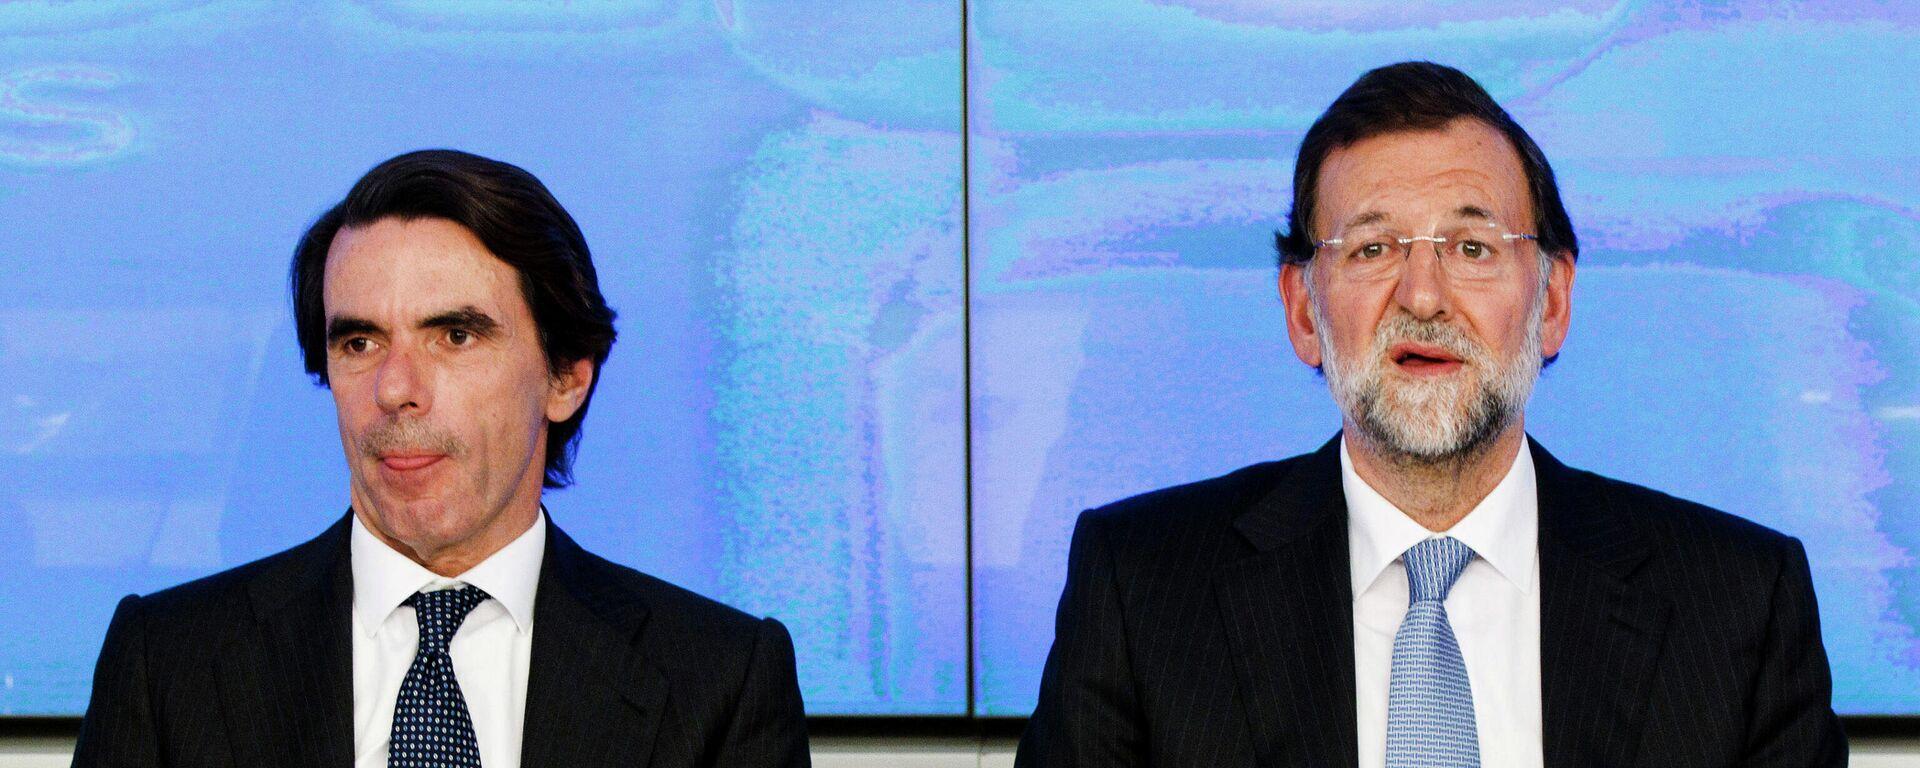 Los expresidentes del Gobierno español José María Aznar y Mariano Rajoy - Sputnik Mundo, 1920, 24.03.2021